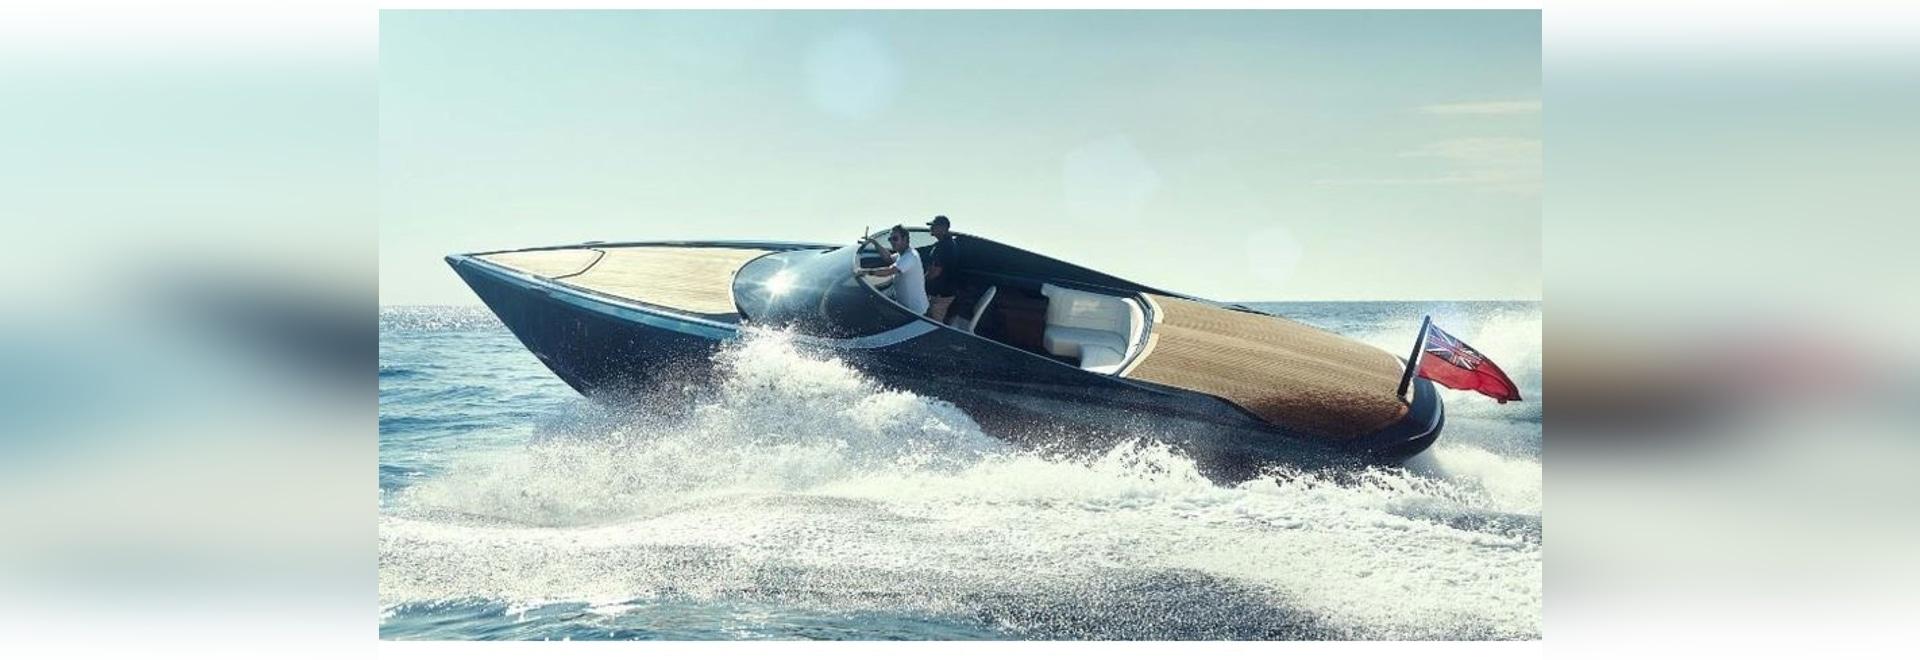 Machine de vague : Un tour chaud en bateau du £1.6m d'Aston